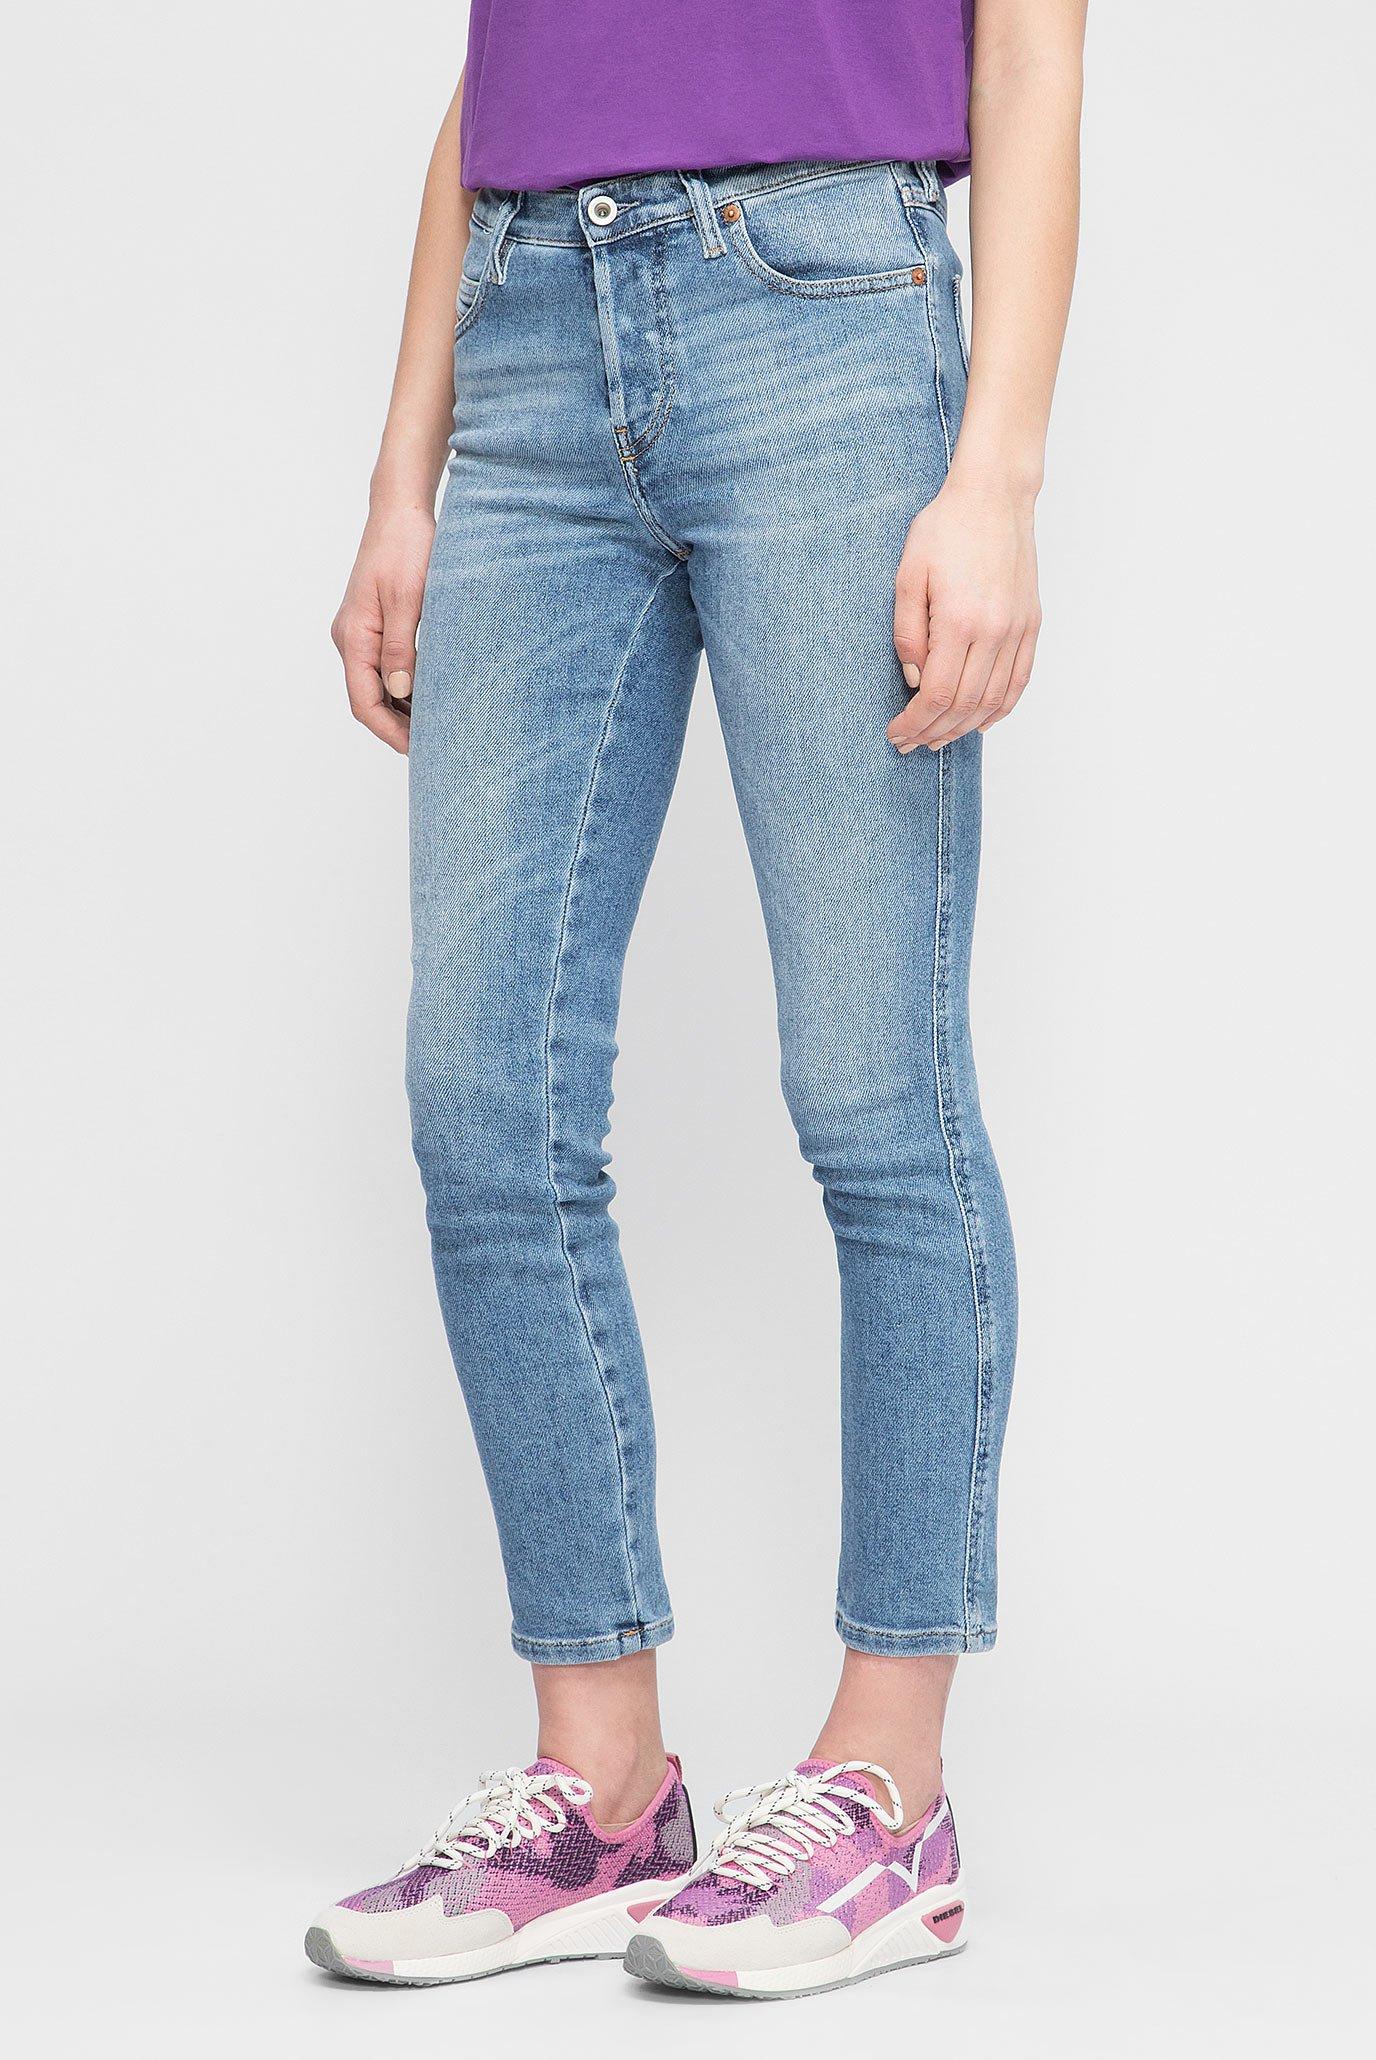 Купить Женские синие джинсы BABHILA Diesel Diesel 00S7LY 084PR – Киев, Украина. Цены в интернет магазине MD Fashion